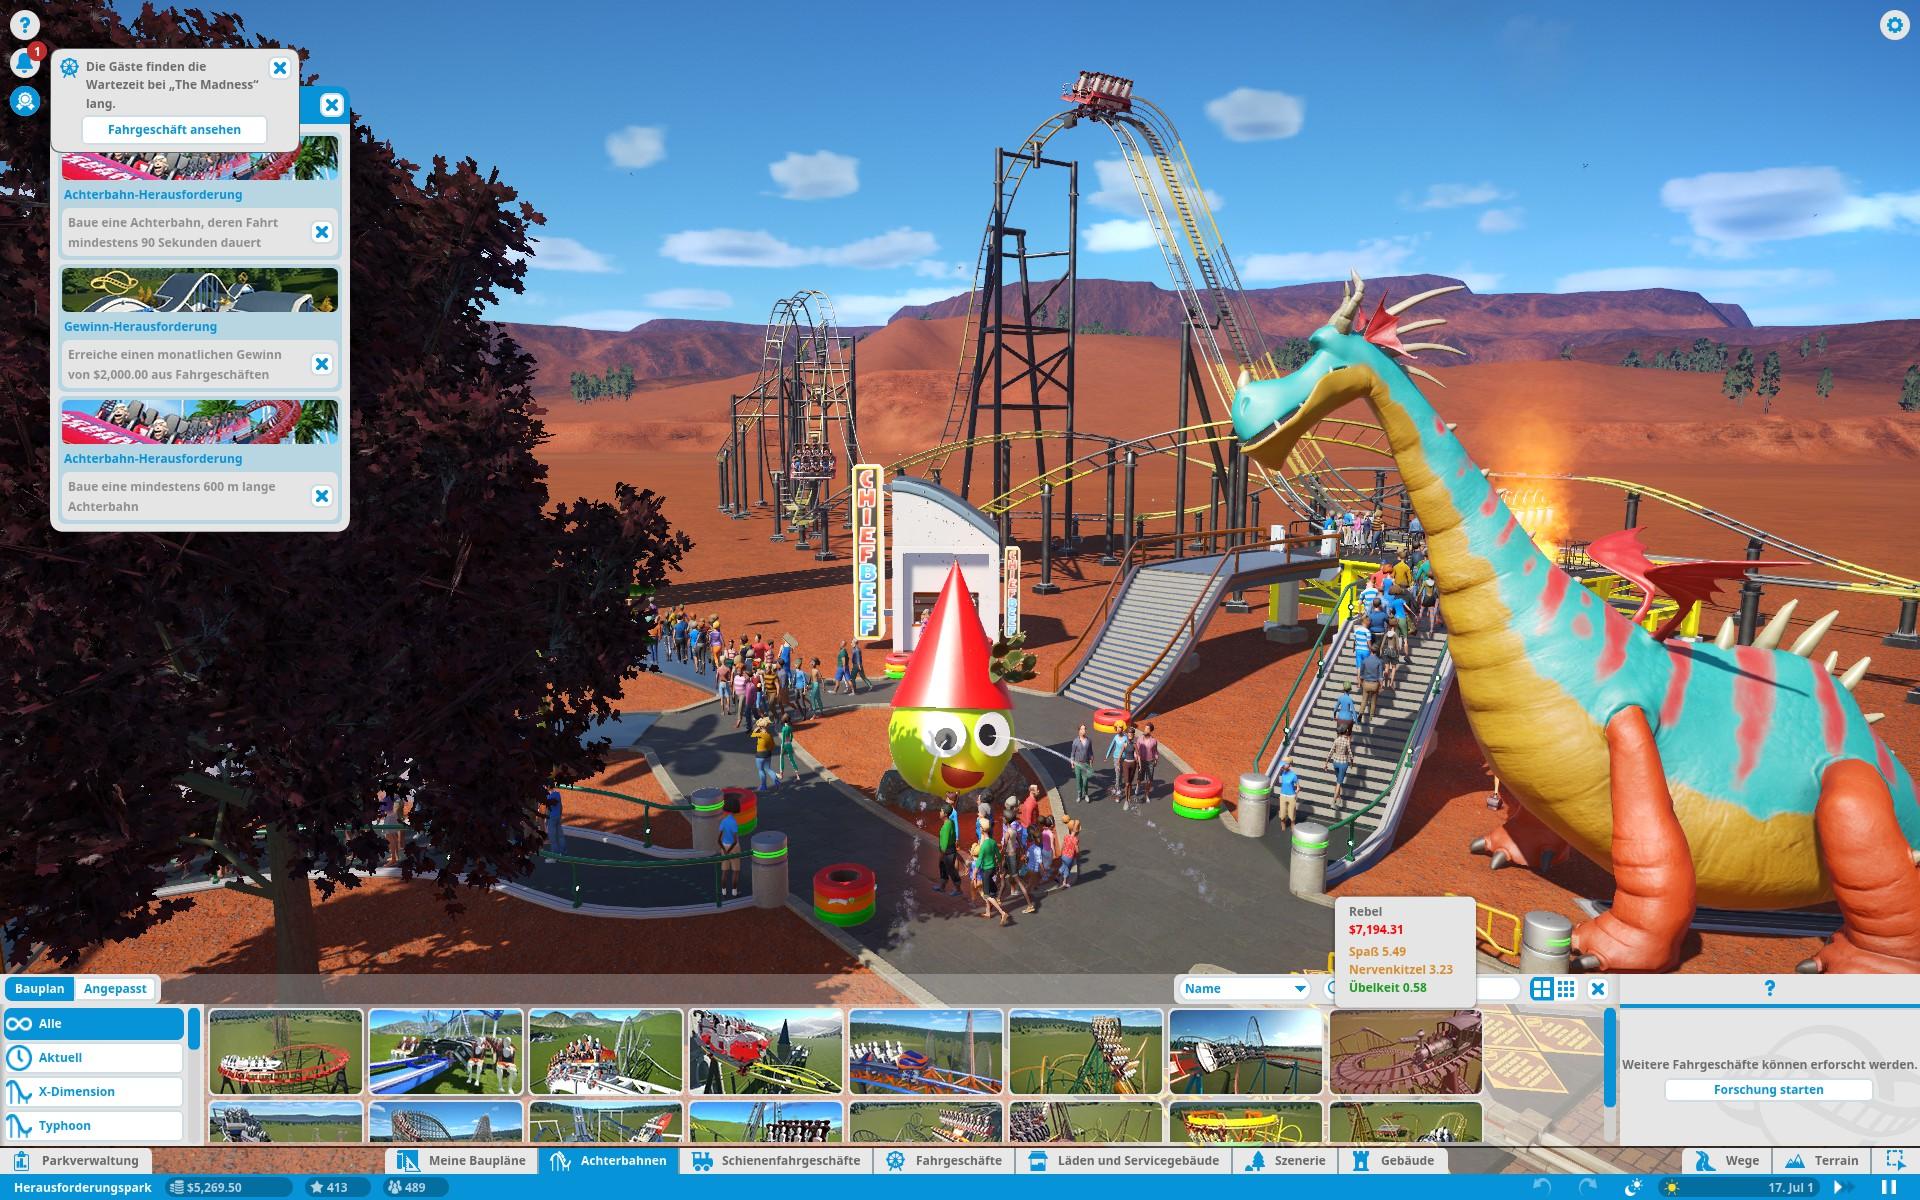 Screenshot: Über das Menü stehen unterschiedliche Achterbahnen zur Verfügung. Mittels Hinweisen werden Herausforderungen angezeigt. Im Vergnügungspark steht ein großer Dinosaurier.